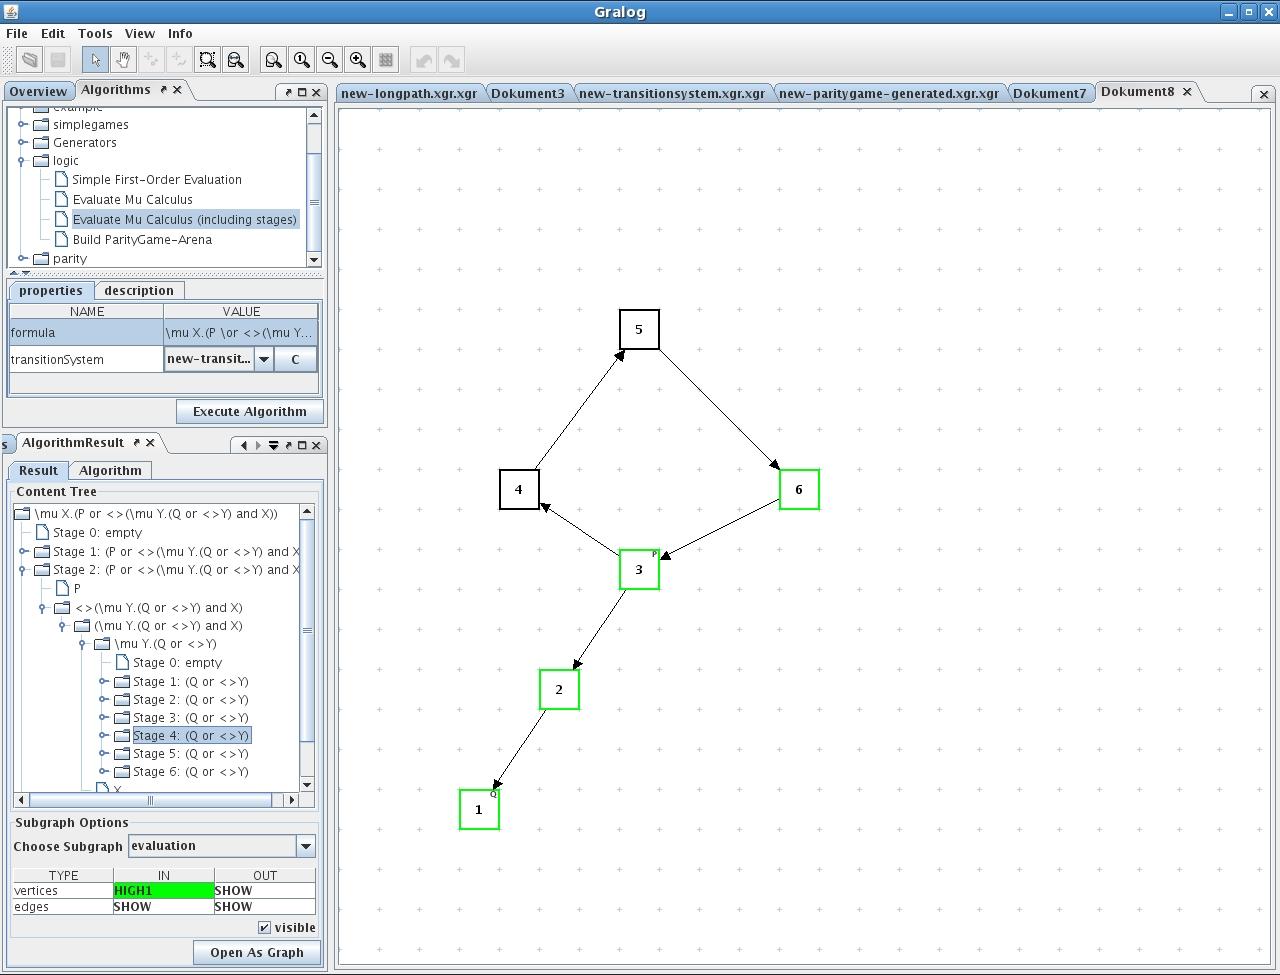 Gralog Graphs Algorithms Logic And Games Diagram